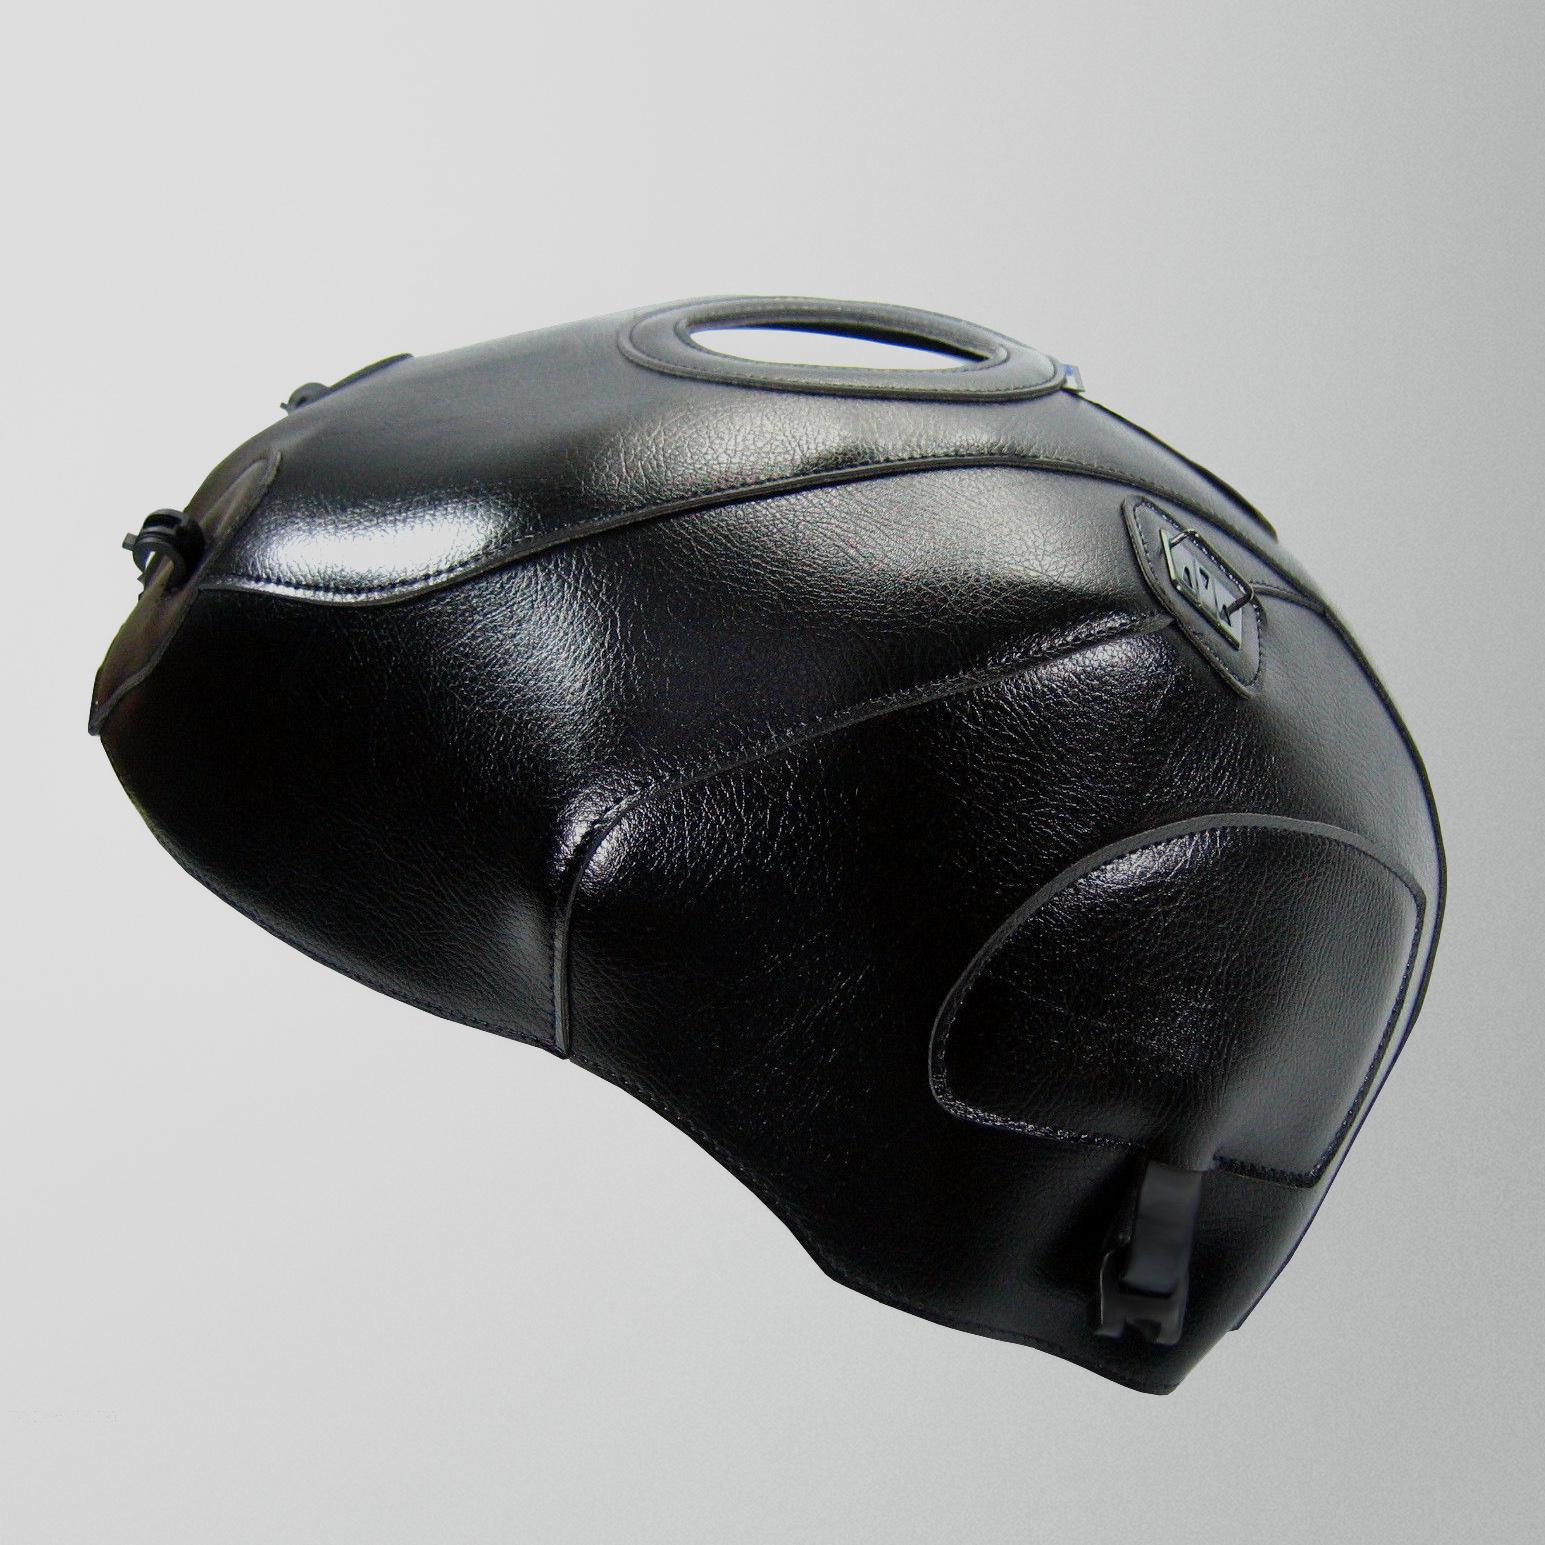 Bagster Protezione serbatoio Nero